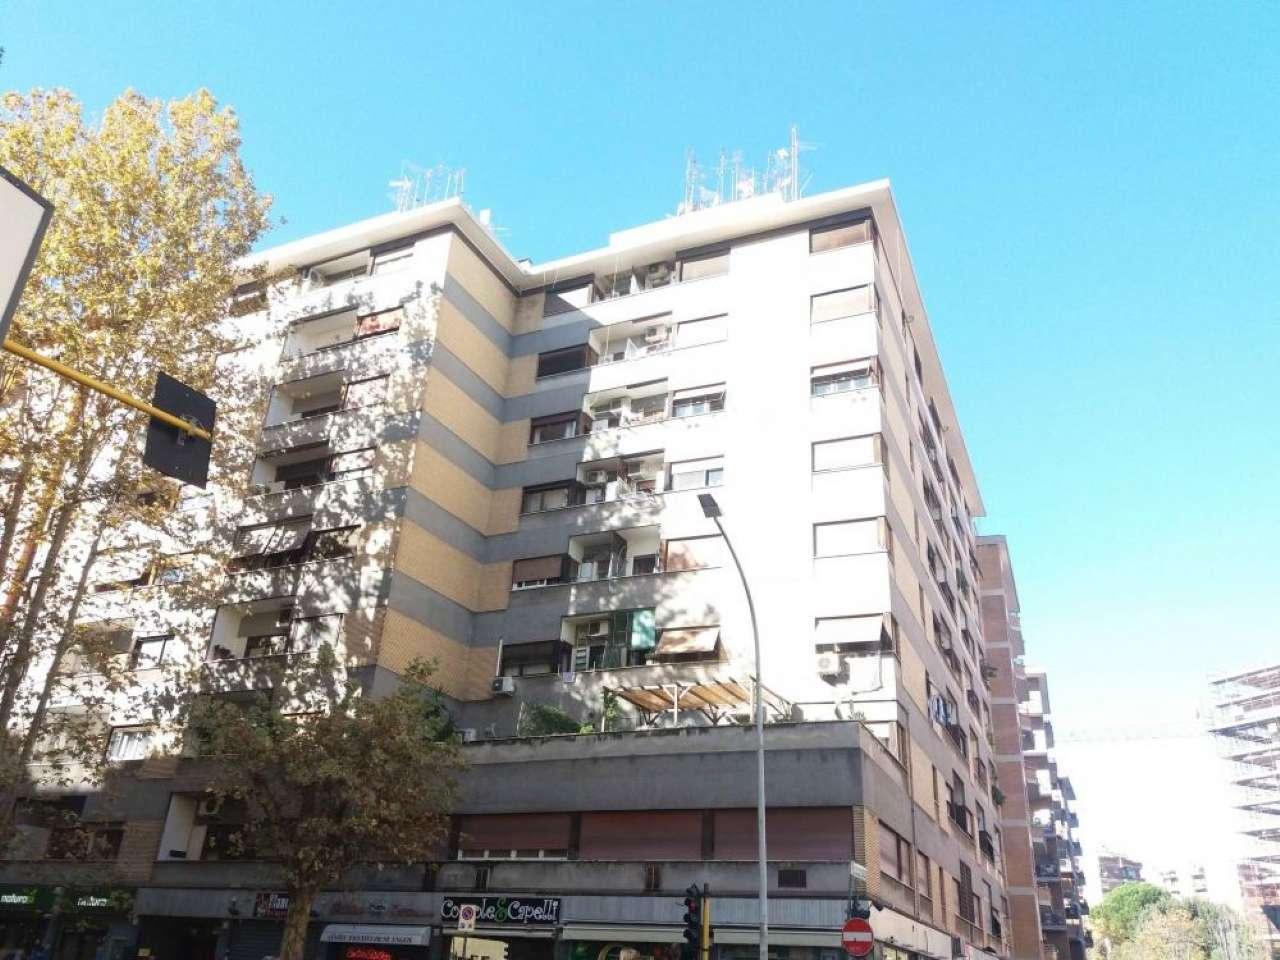 Appartamento in vendita 2 vani 58 mq.  via Oderisi da Gubbio Roma